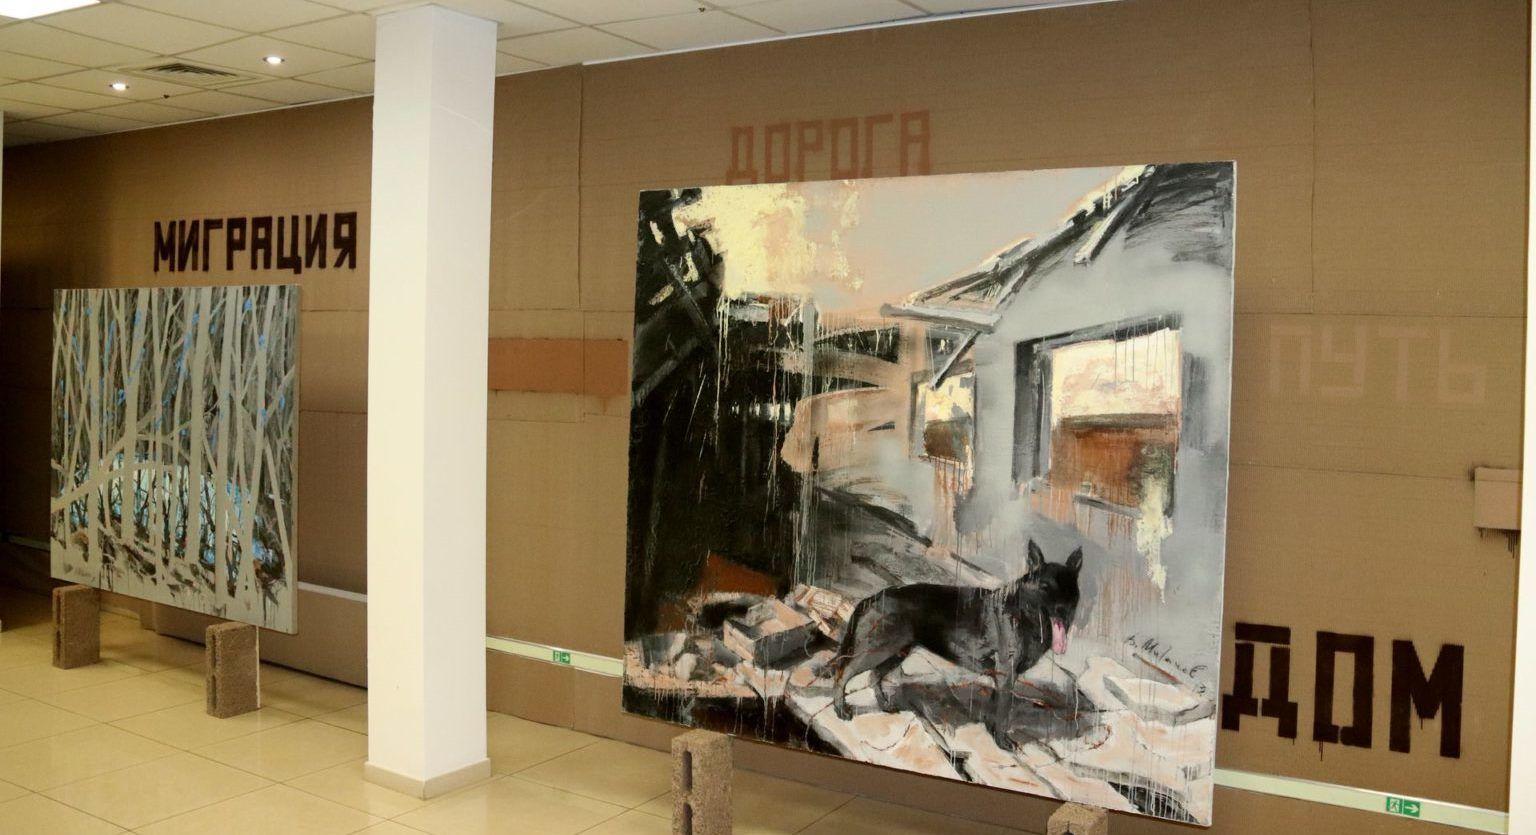 Проект «Внутренняя миграция» ©Фото с сайта музея им. Фелицына, felicina.ru